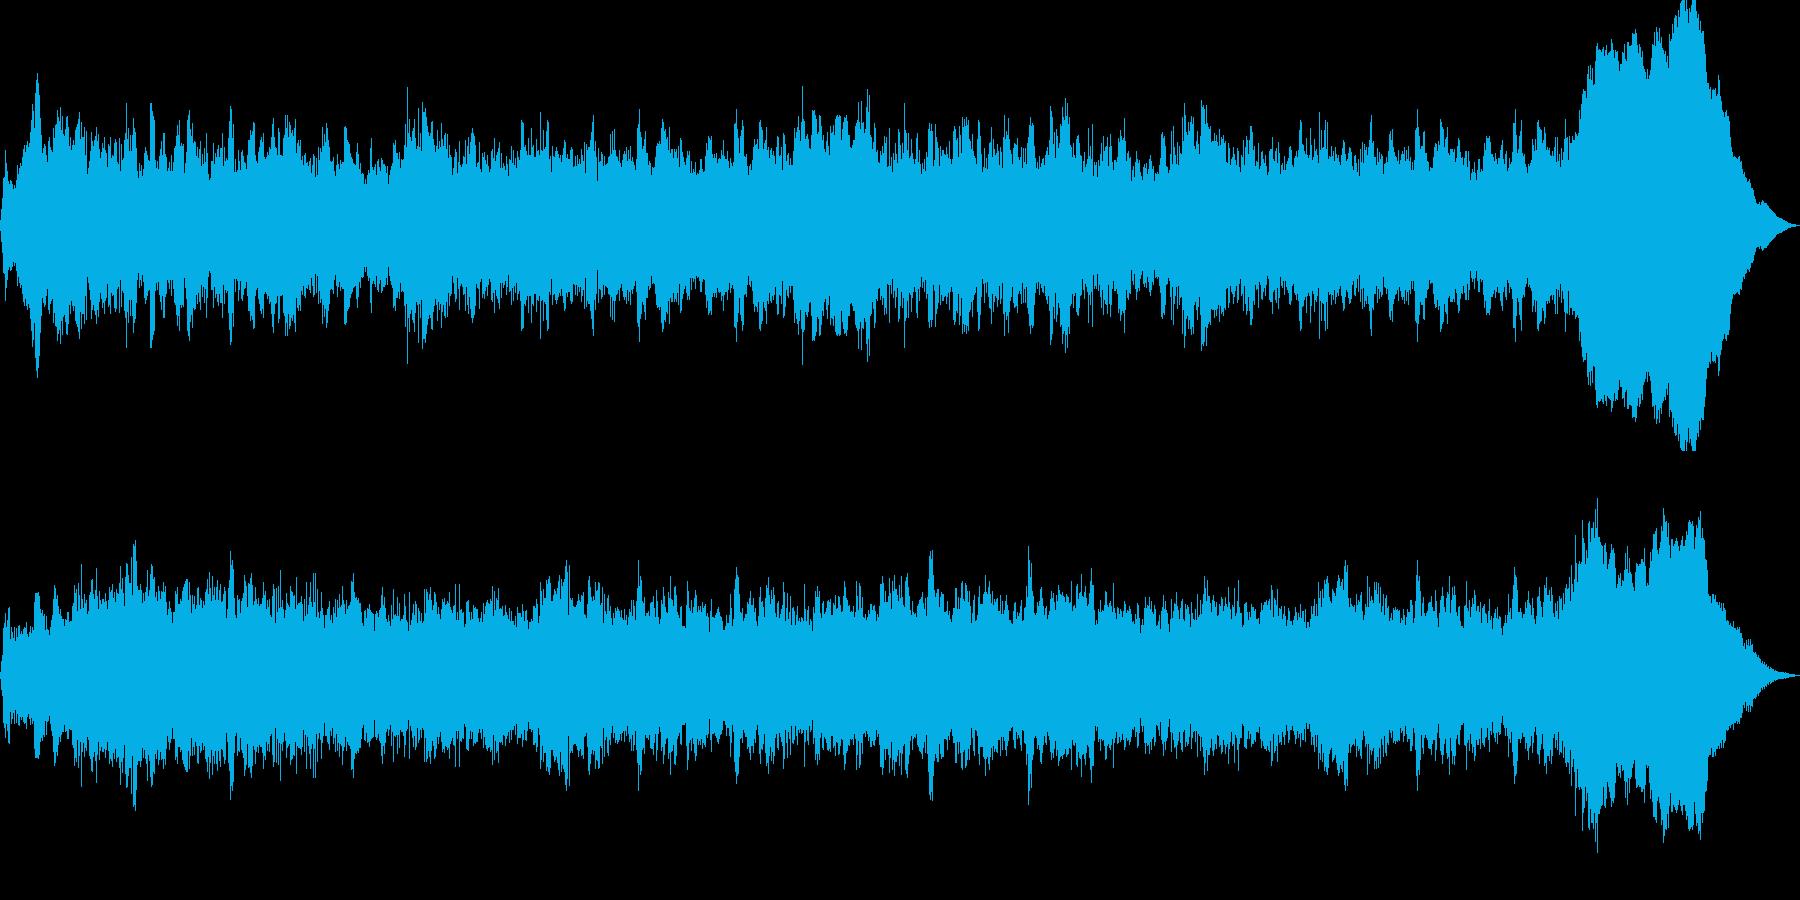 未来への不安のテーマ30秒BGMの再生済みの波形